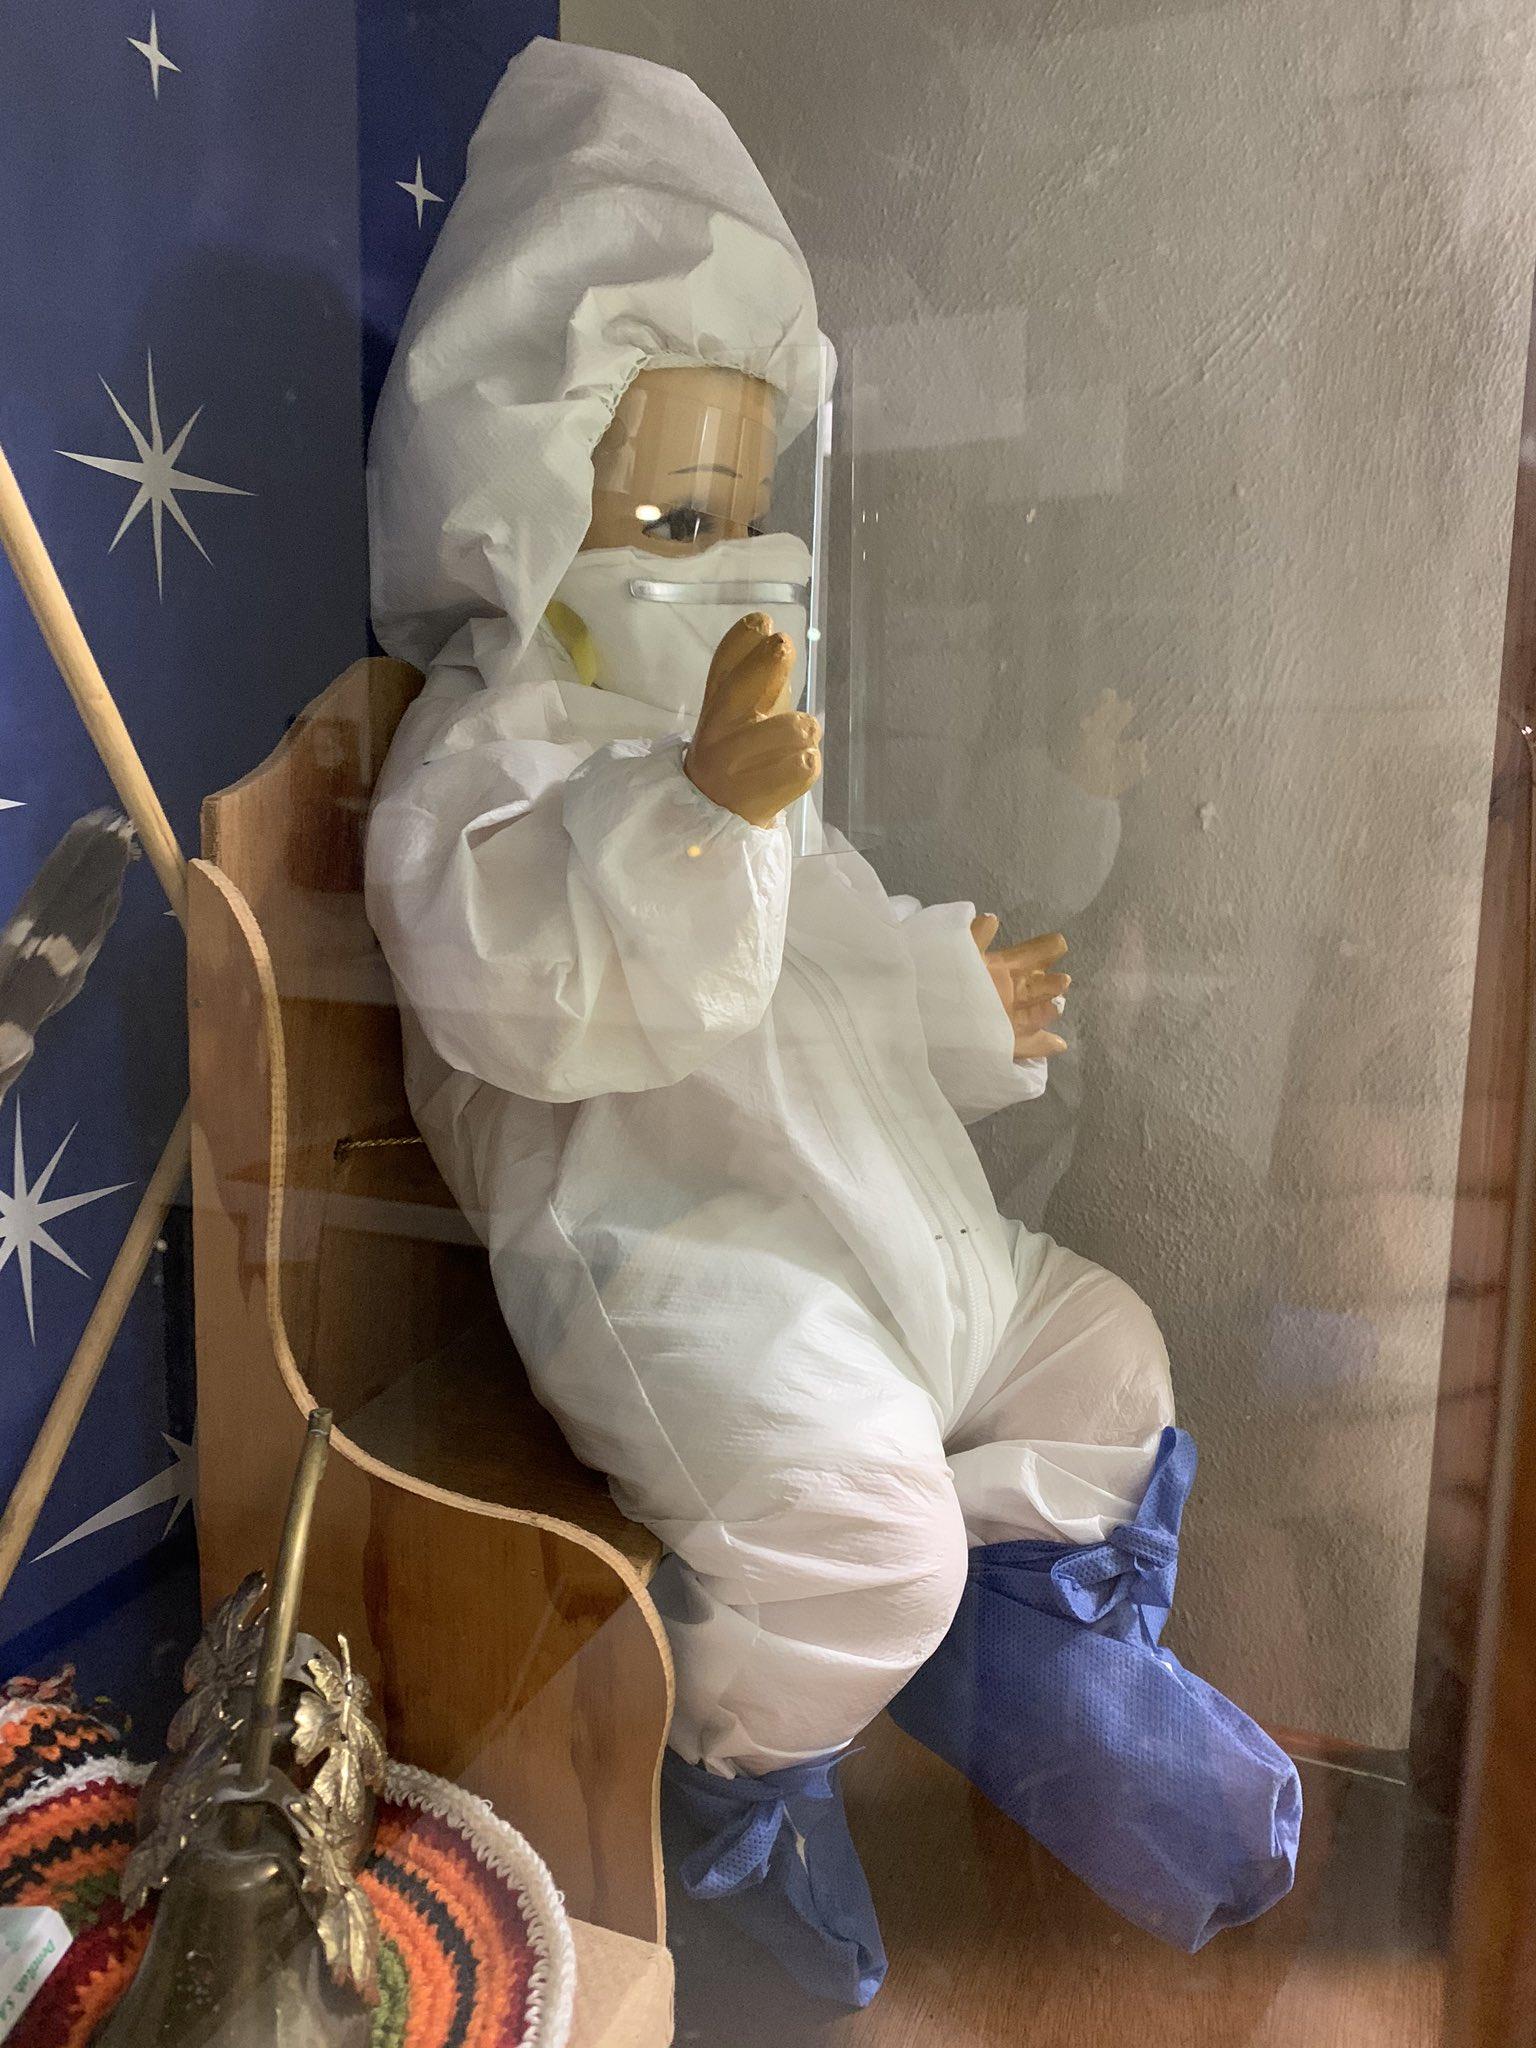 Visten a Niño dios para protegerlo de Covid y coronavirus